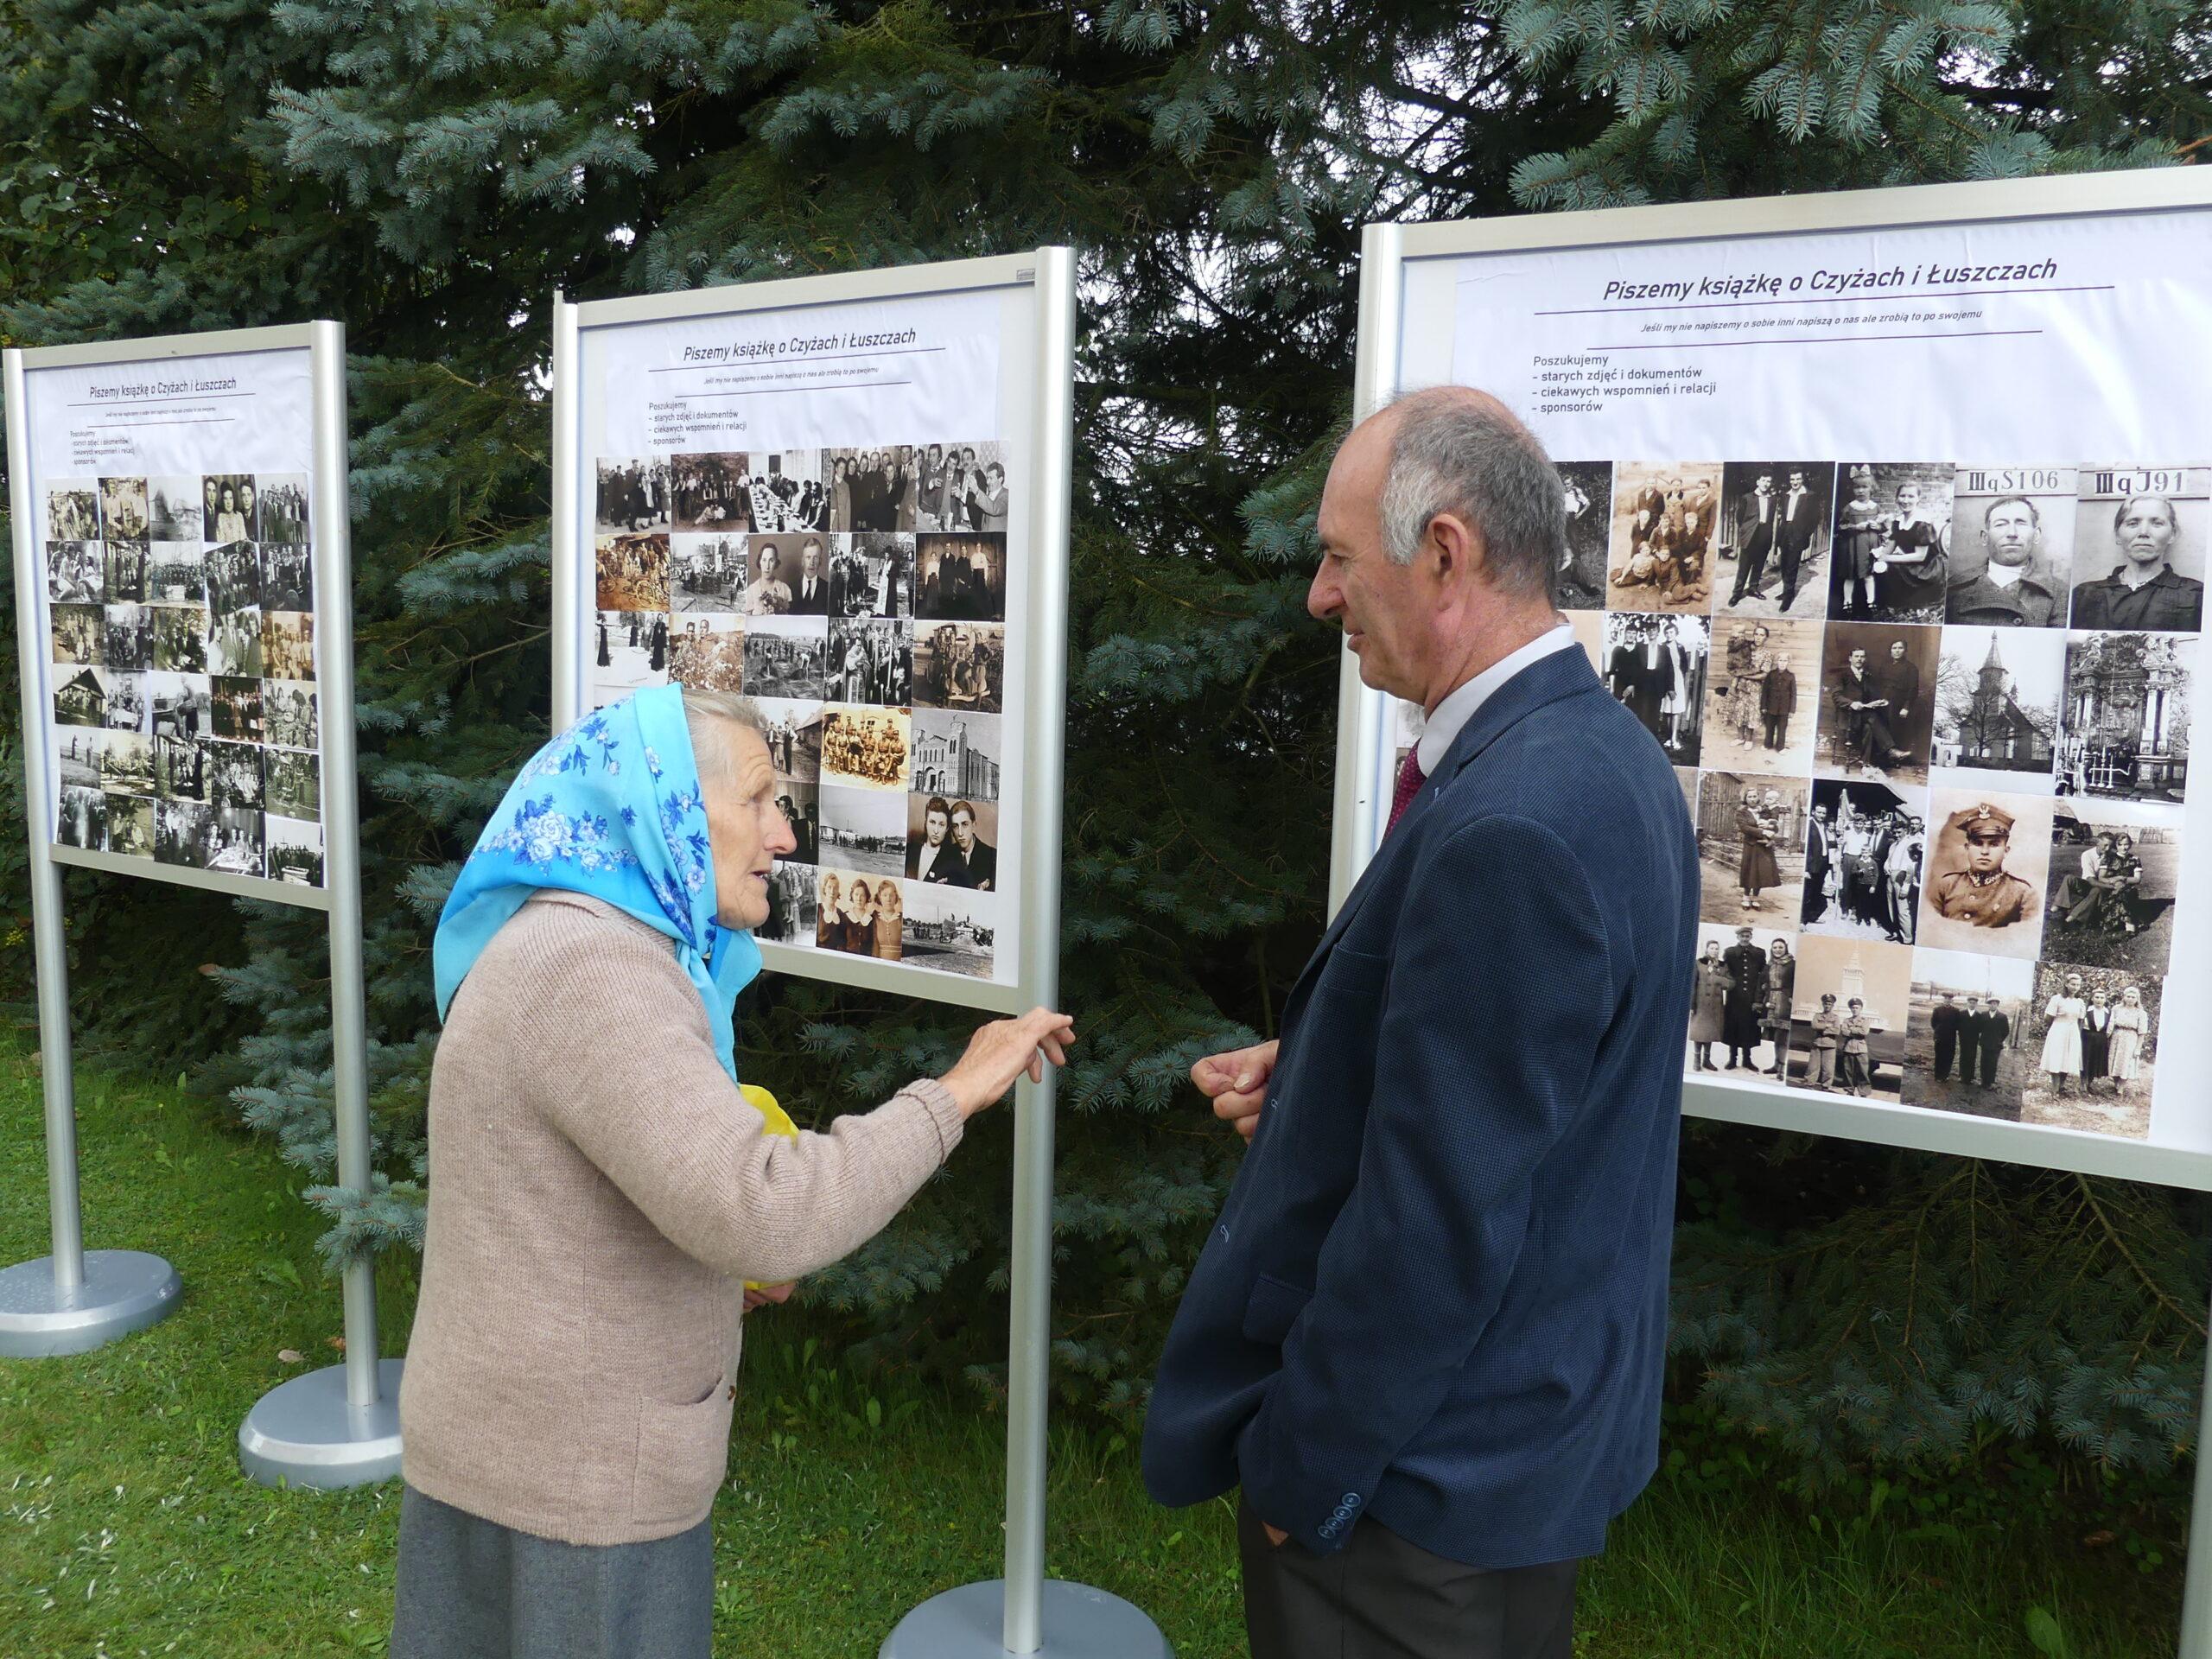 Wystawa zdjęć w Czyżach